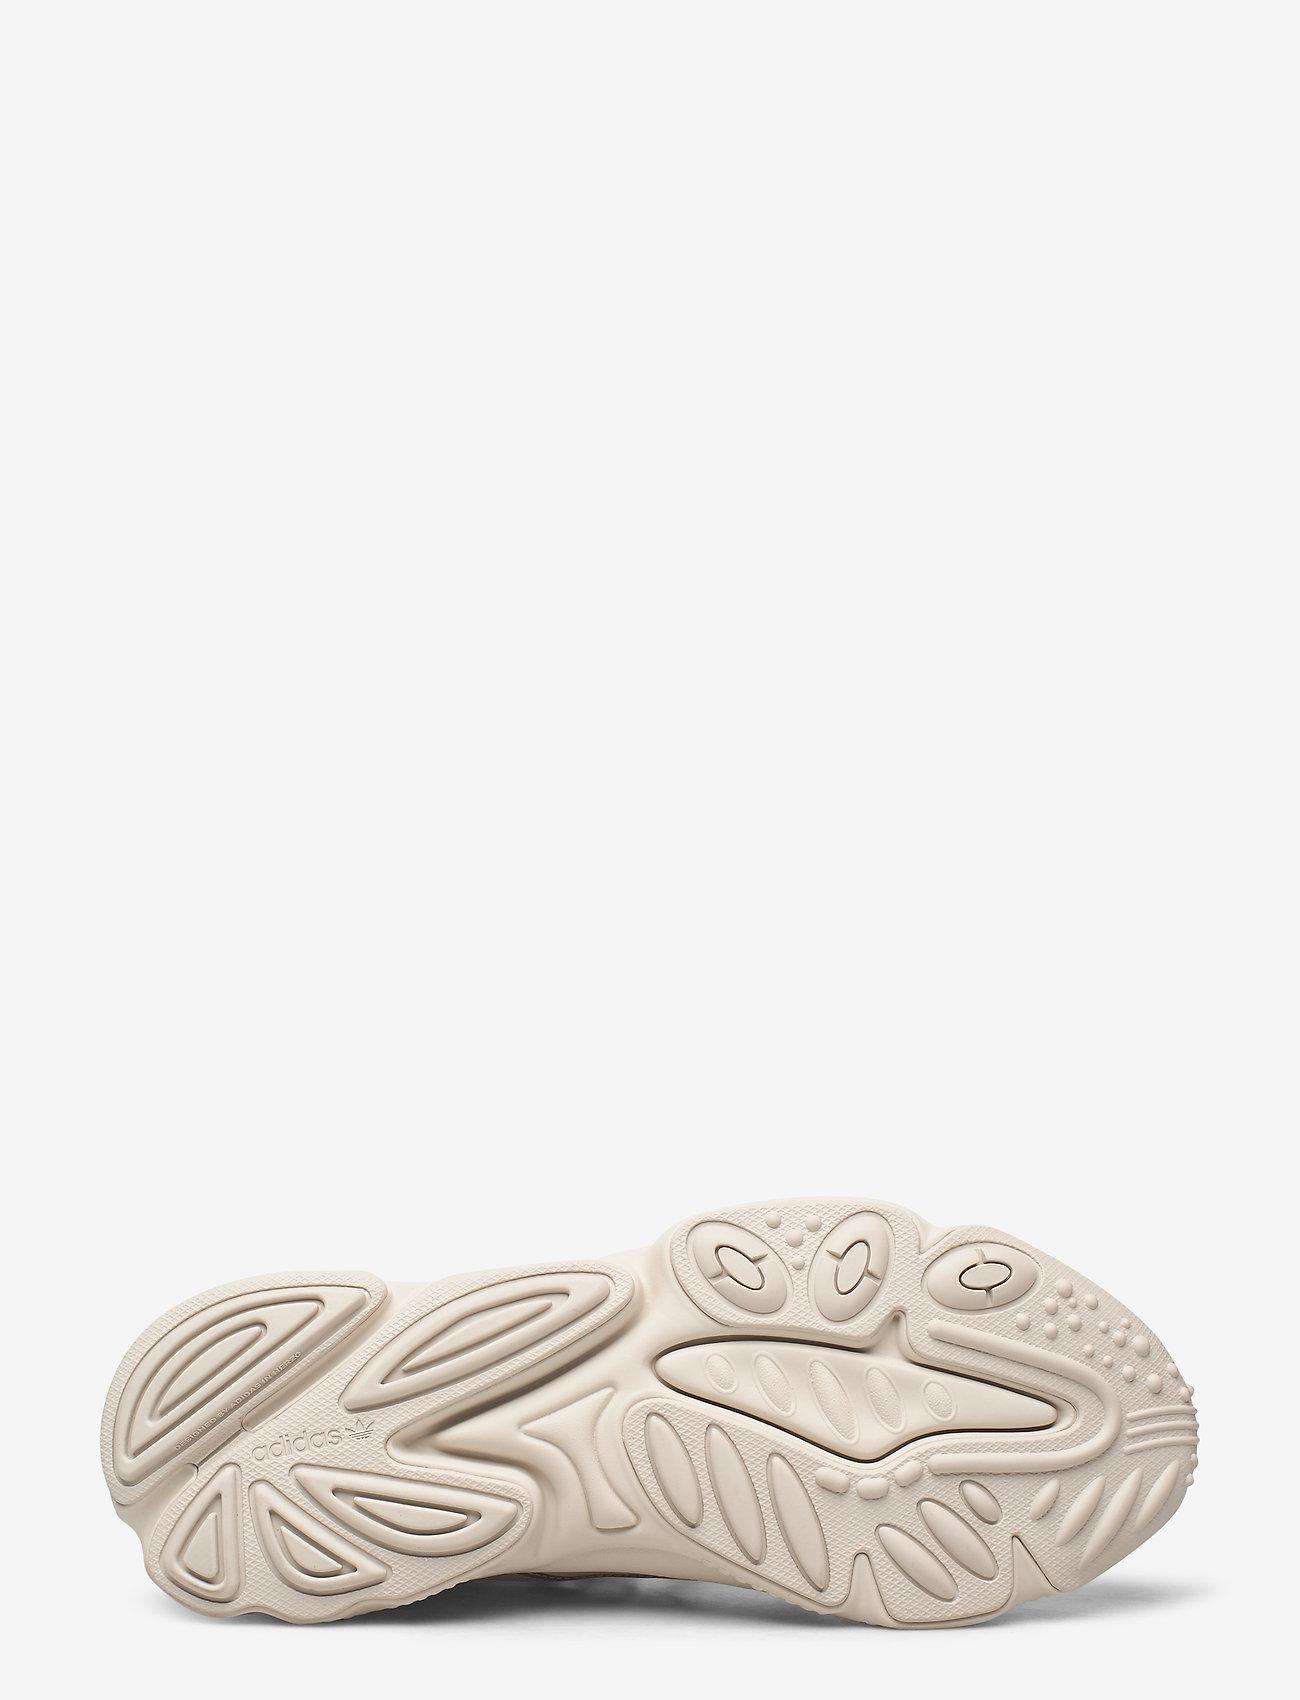 Ozweego (Cbrown/cbrown/ftwwht) (97.46 €) - adidas Originals Gc6w5